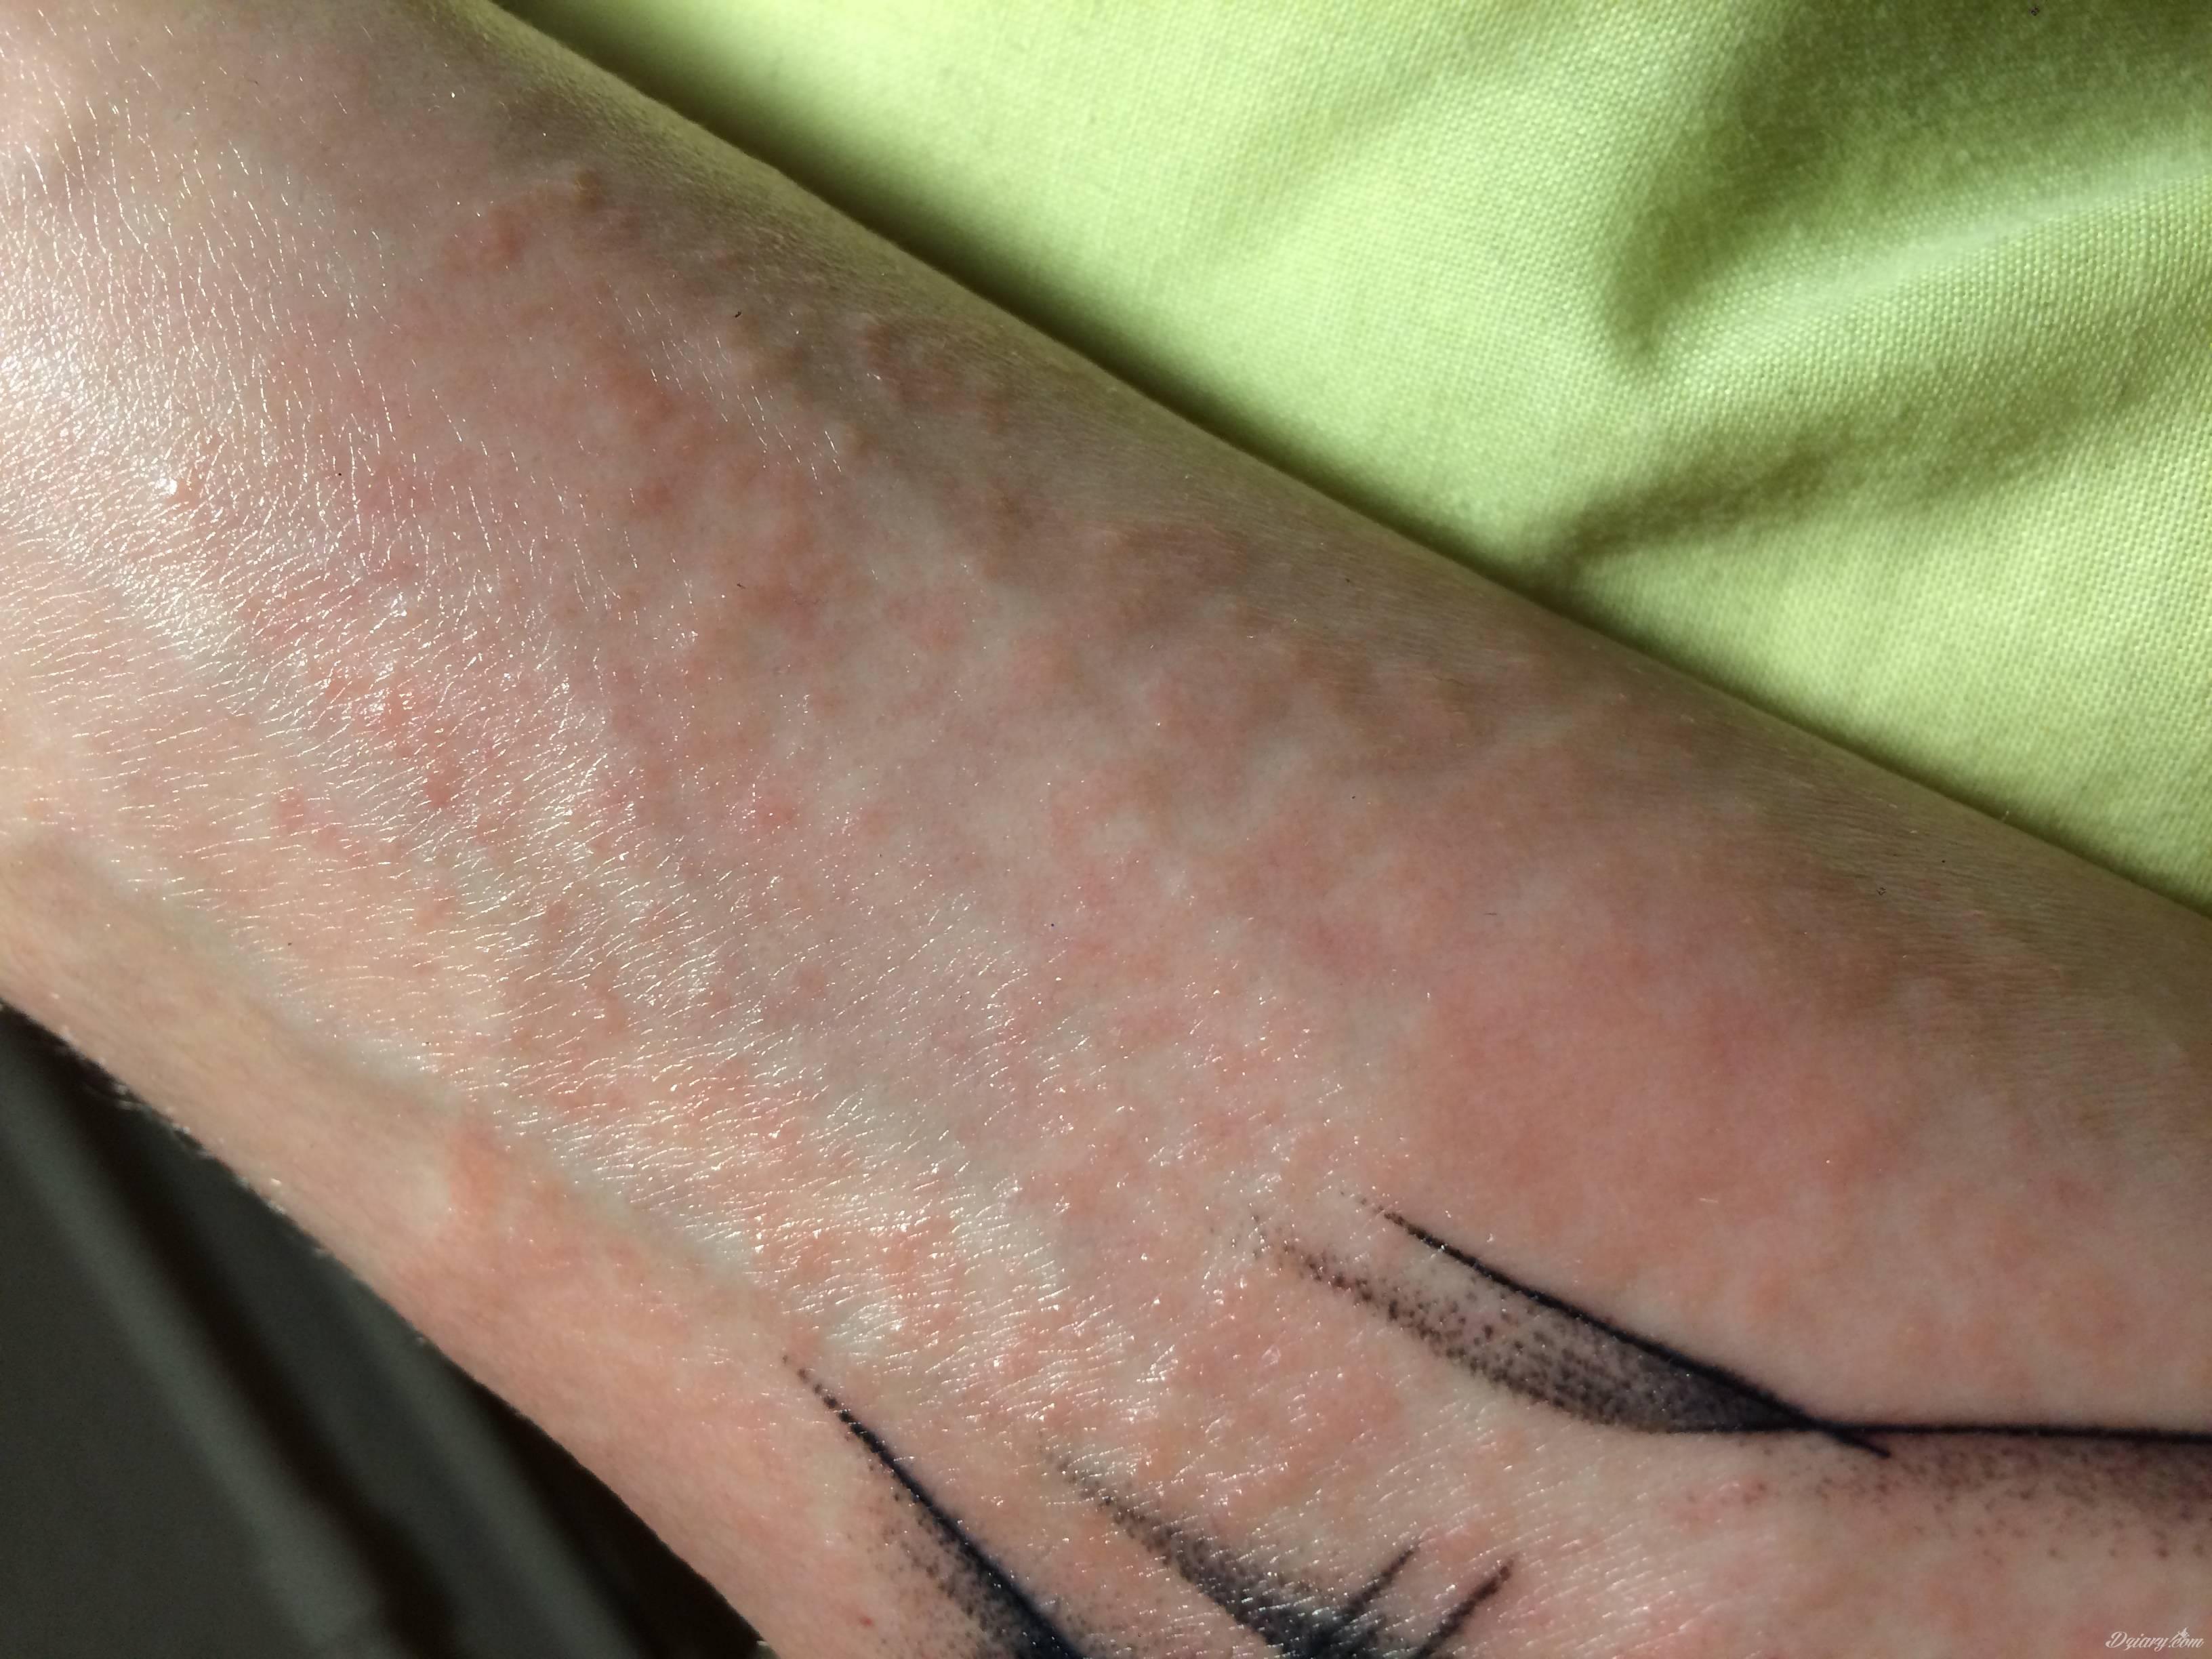 Uczulenie Na Nowym Tatuażu Tatuaże Forum